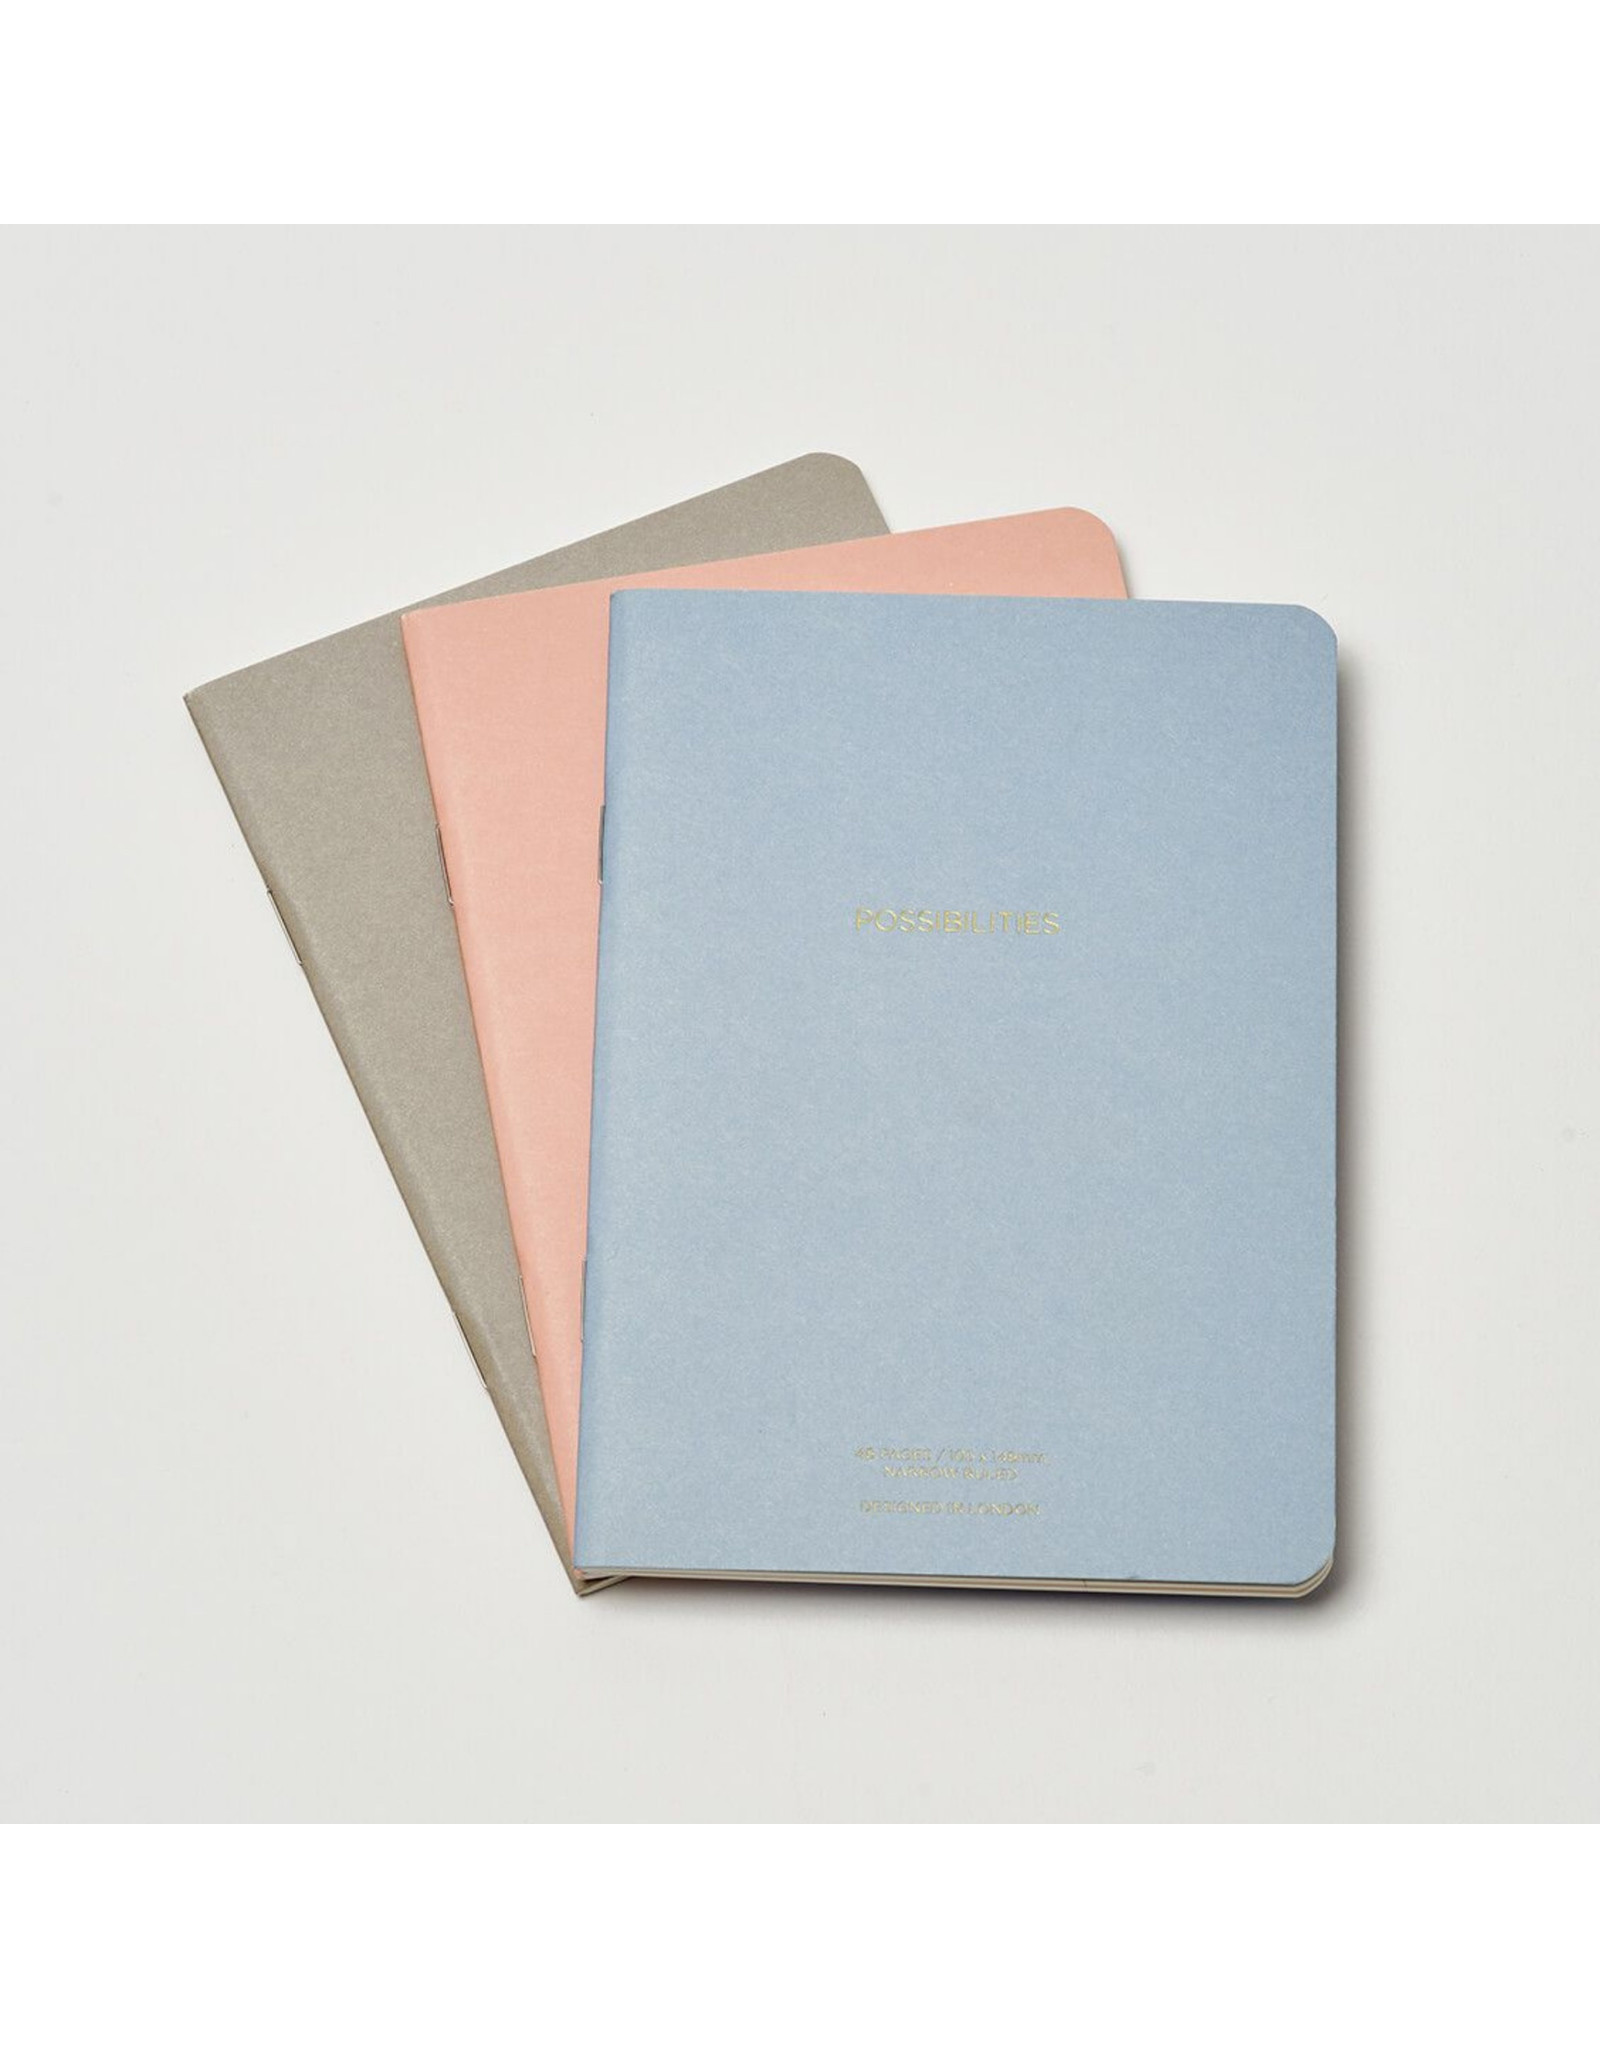 Estella Bartlett Notebook Set A6 - Blush, Powder Blue & Grey